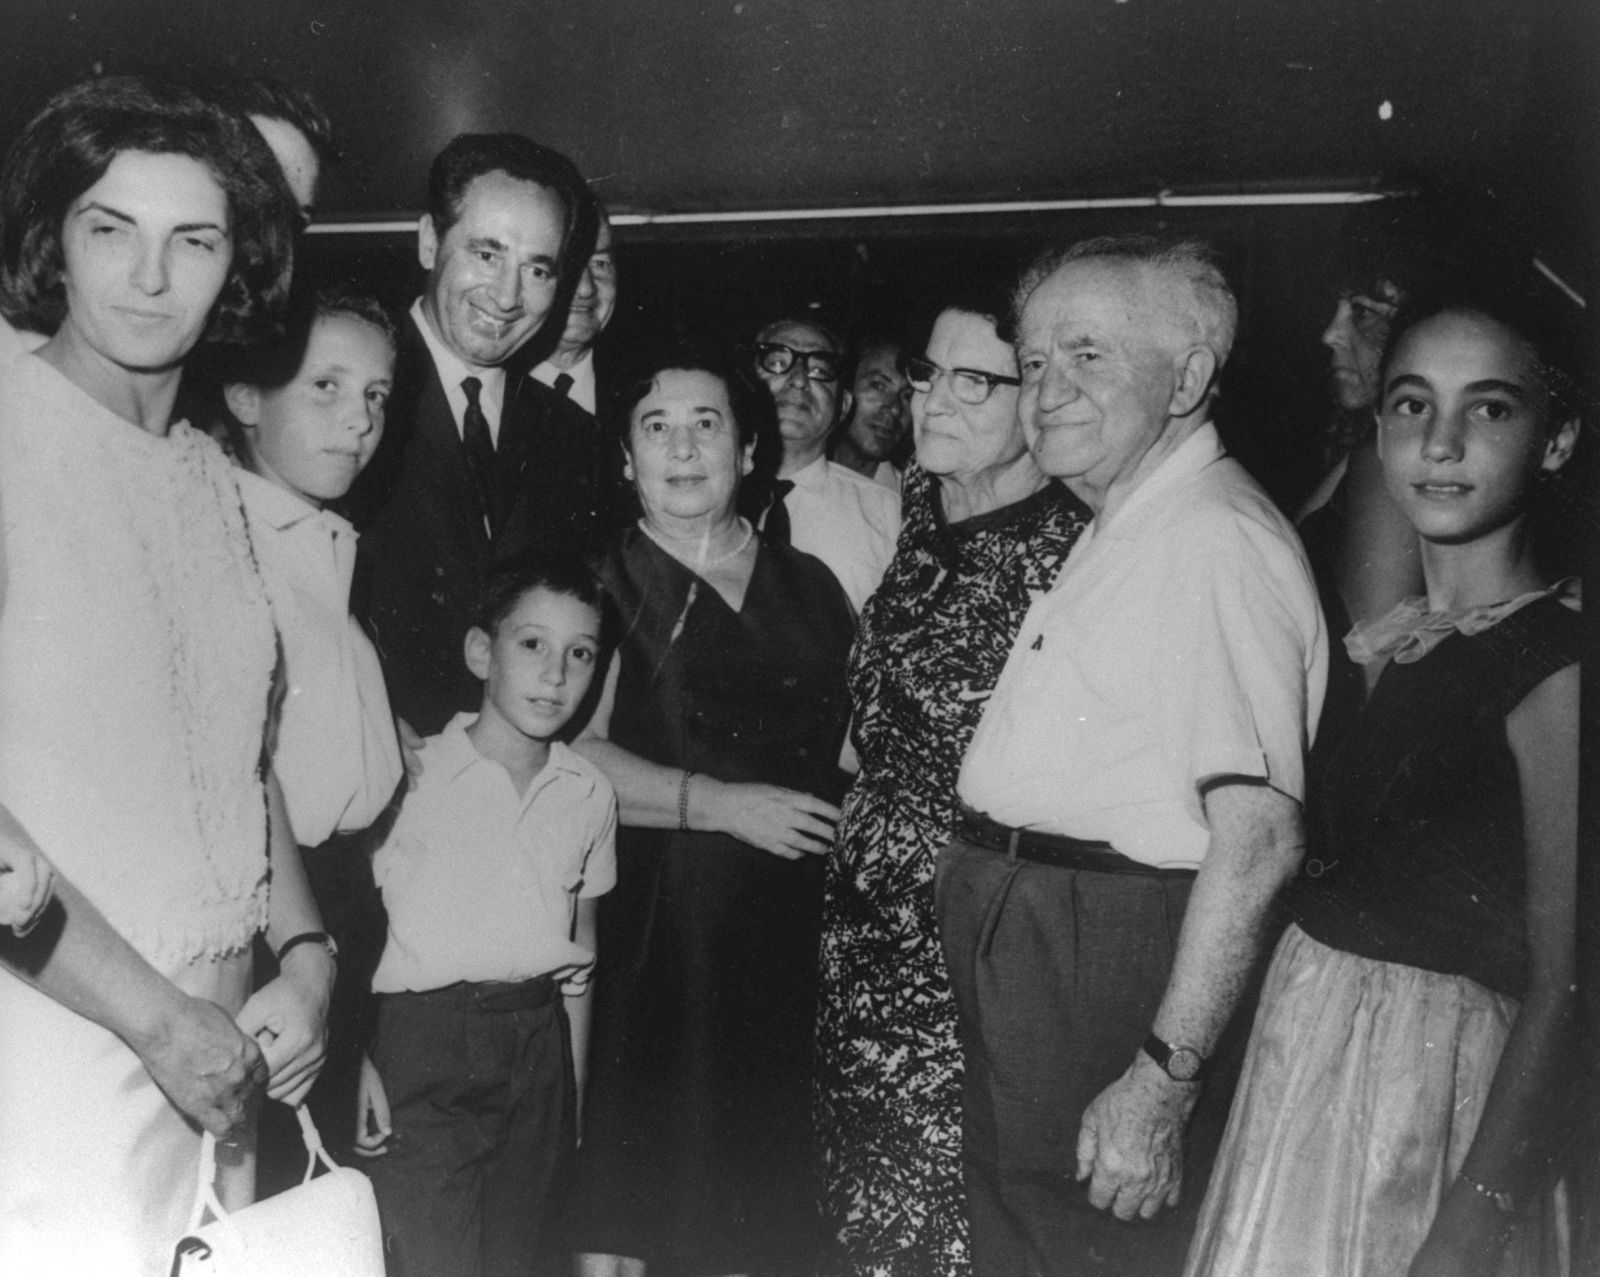 מדוע הצעירים לא קוראים ספרים? דוד ופולה בן-גוריון עם שמעון פרס ורעייתו סוניה, במסיבת בר-מצווה לבנם, 1965 (צילום: לשכת העיתונות הממשלתית)